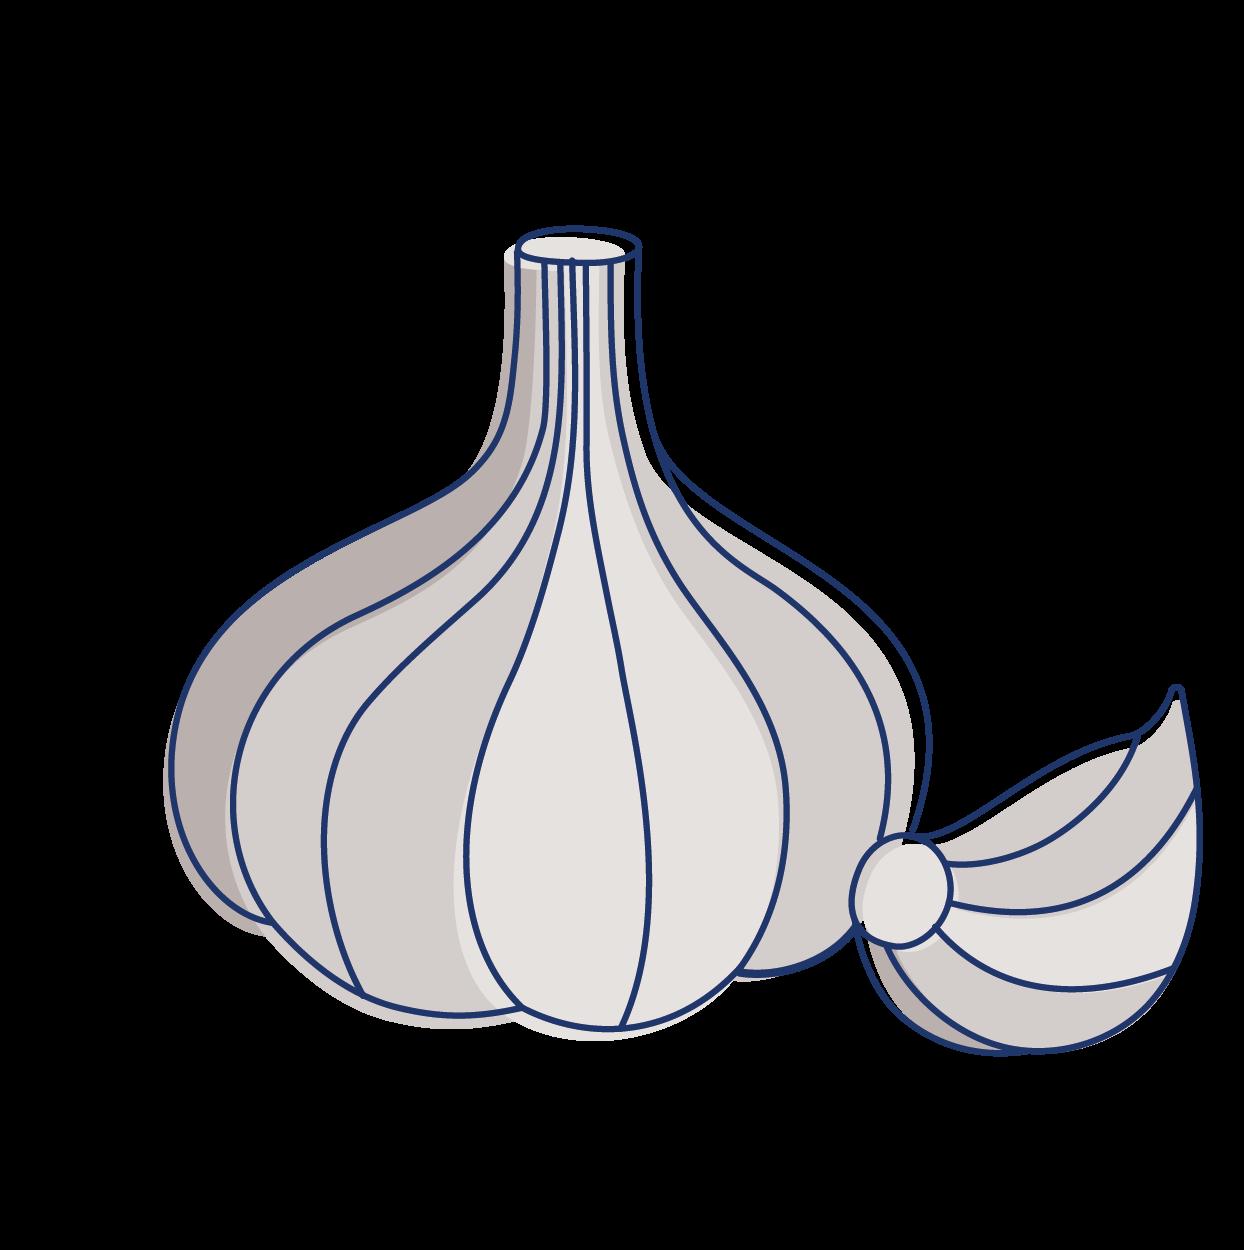 Garlic clipart acrid. Plant tastes and their